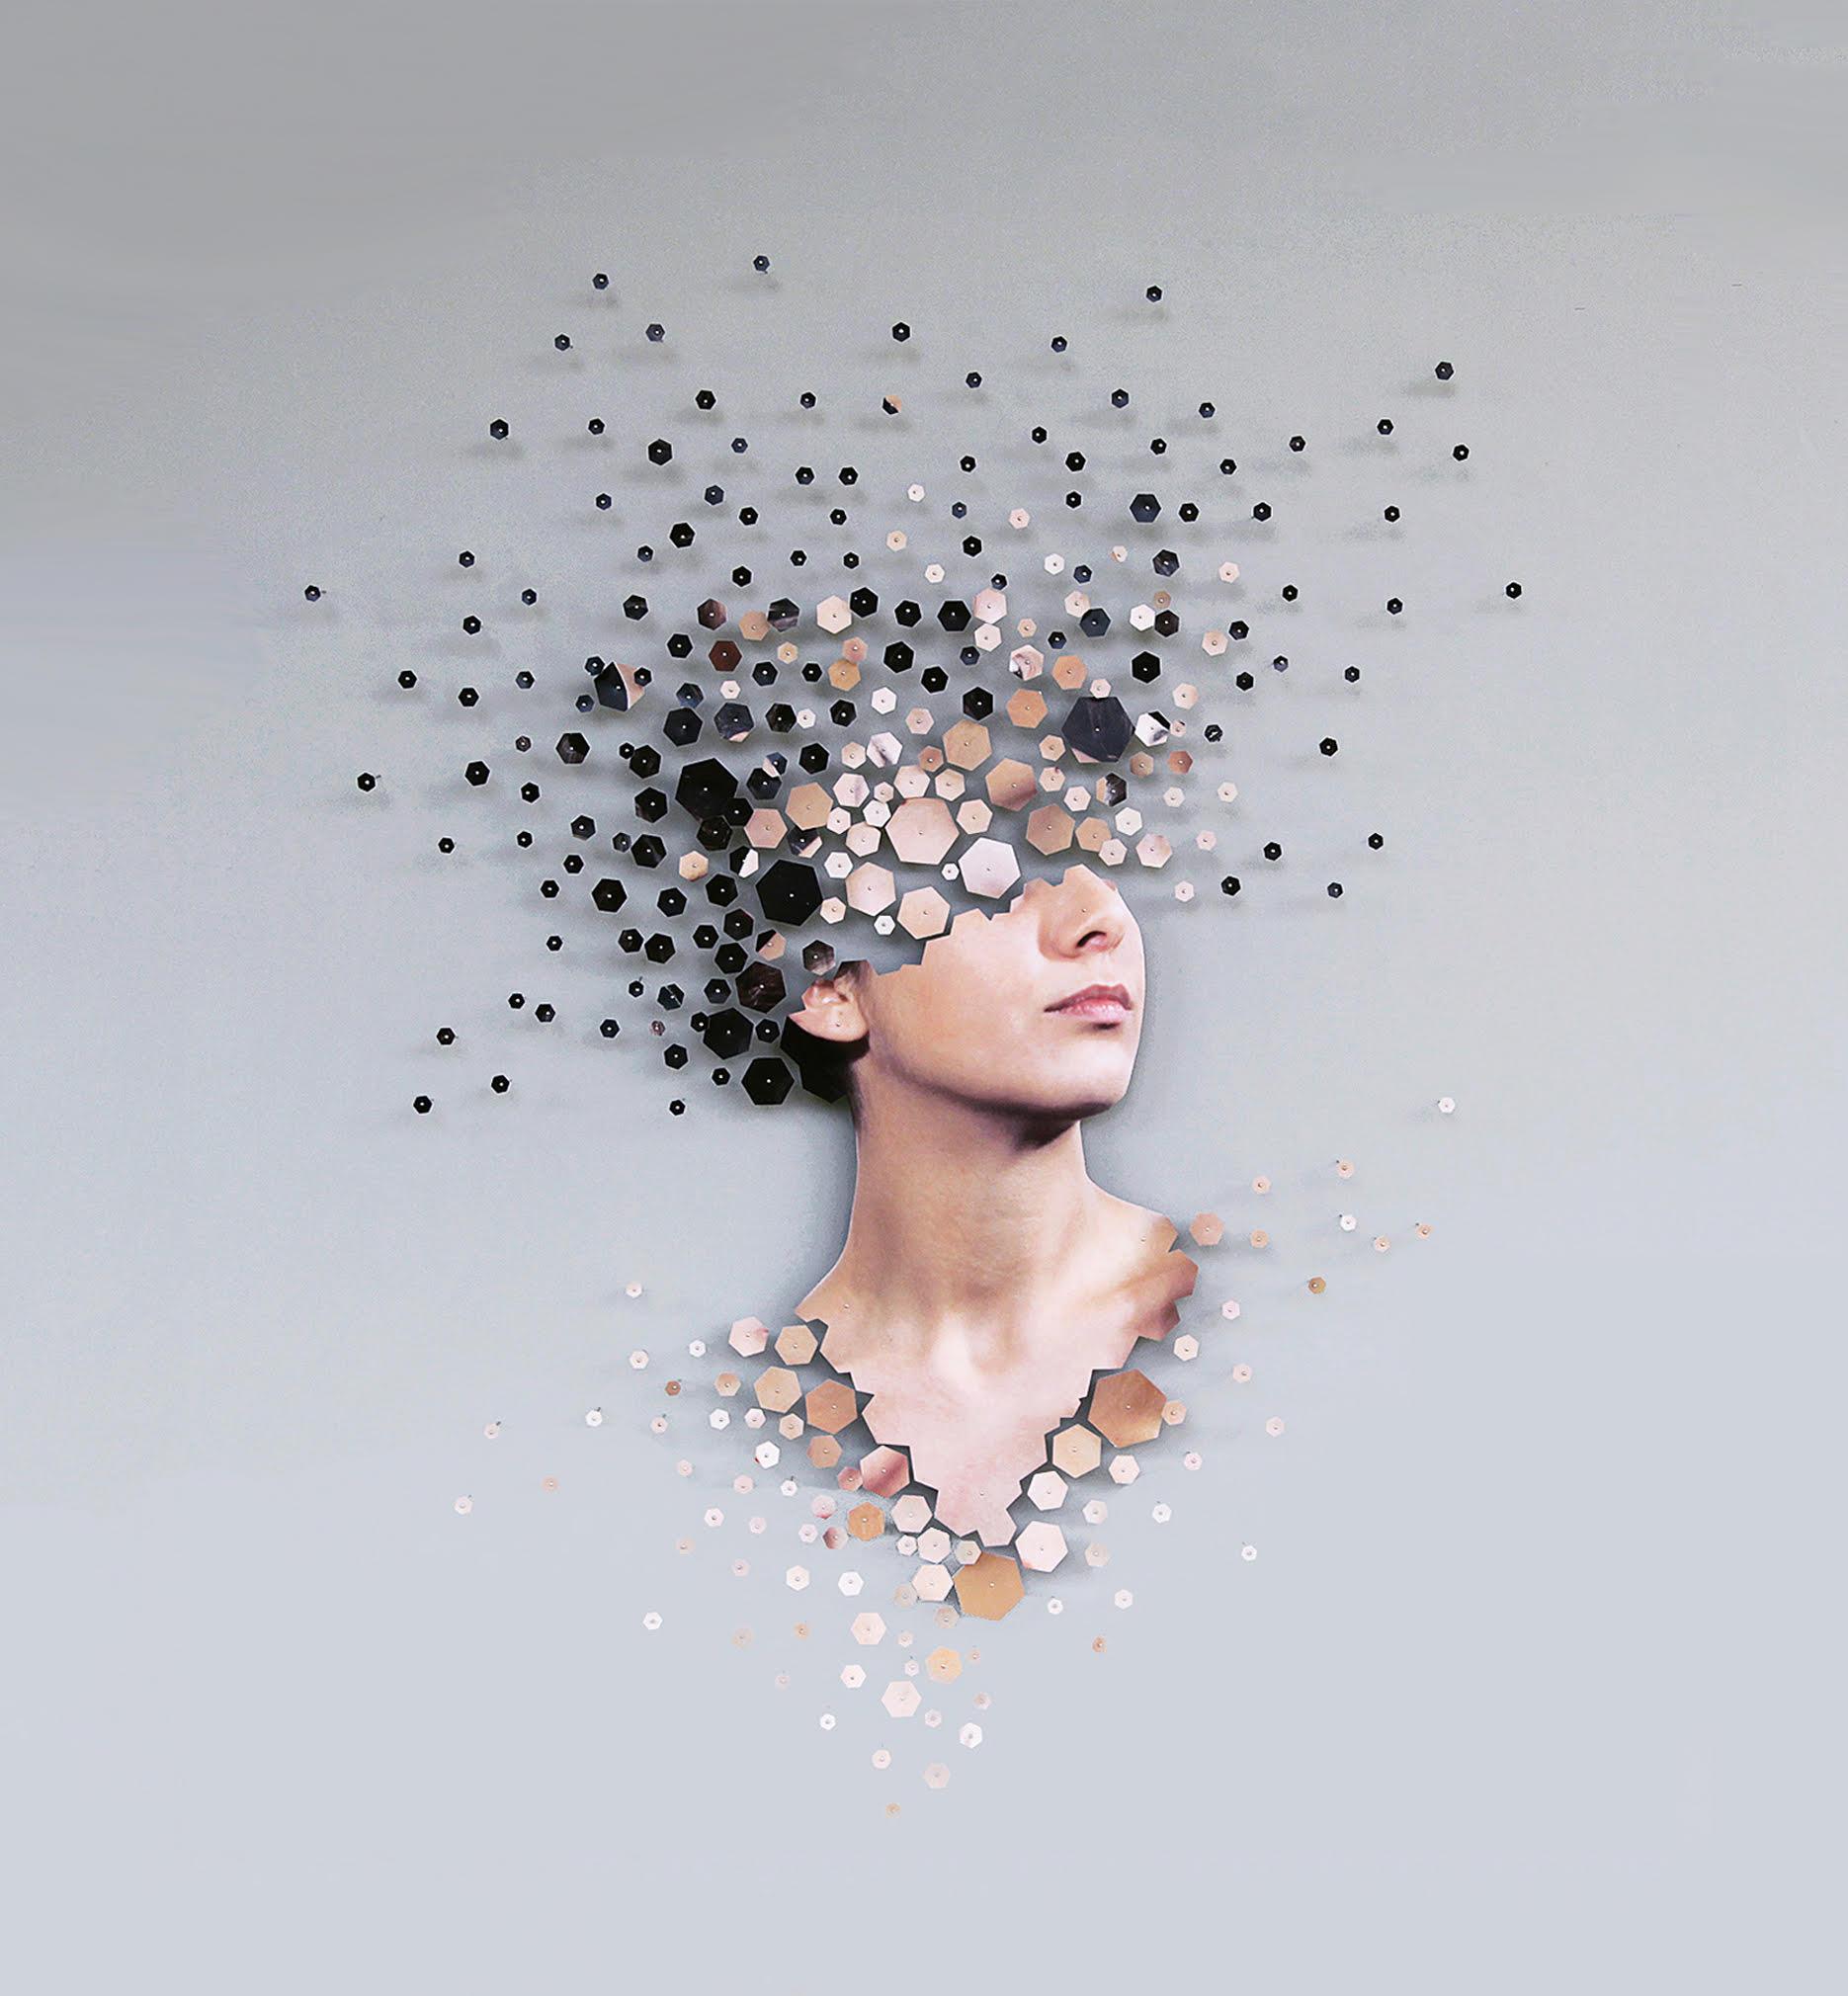 Fragmenta (2017) - Micaela Lattanzio